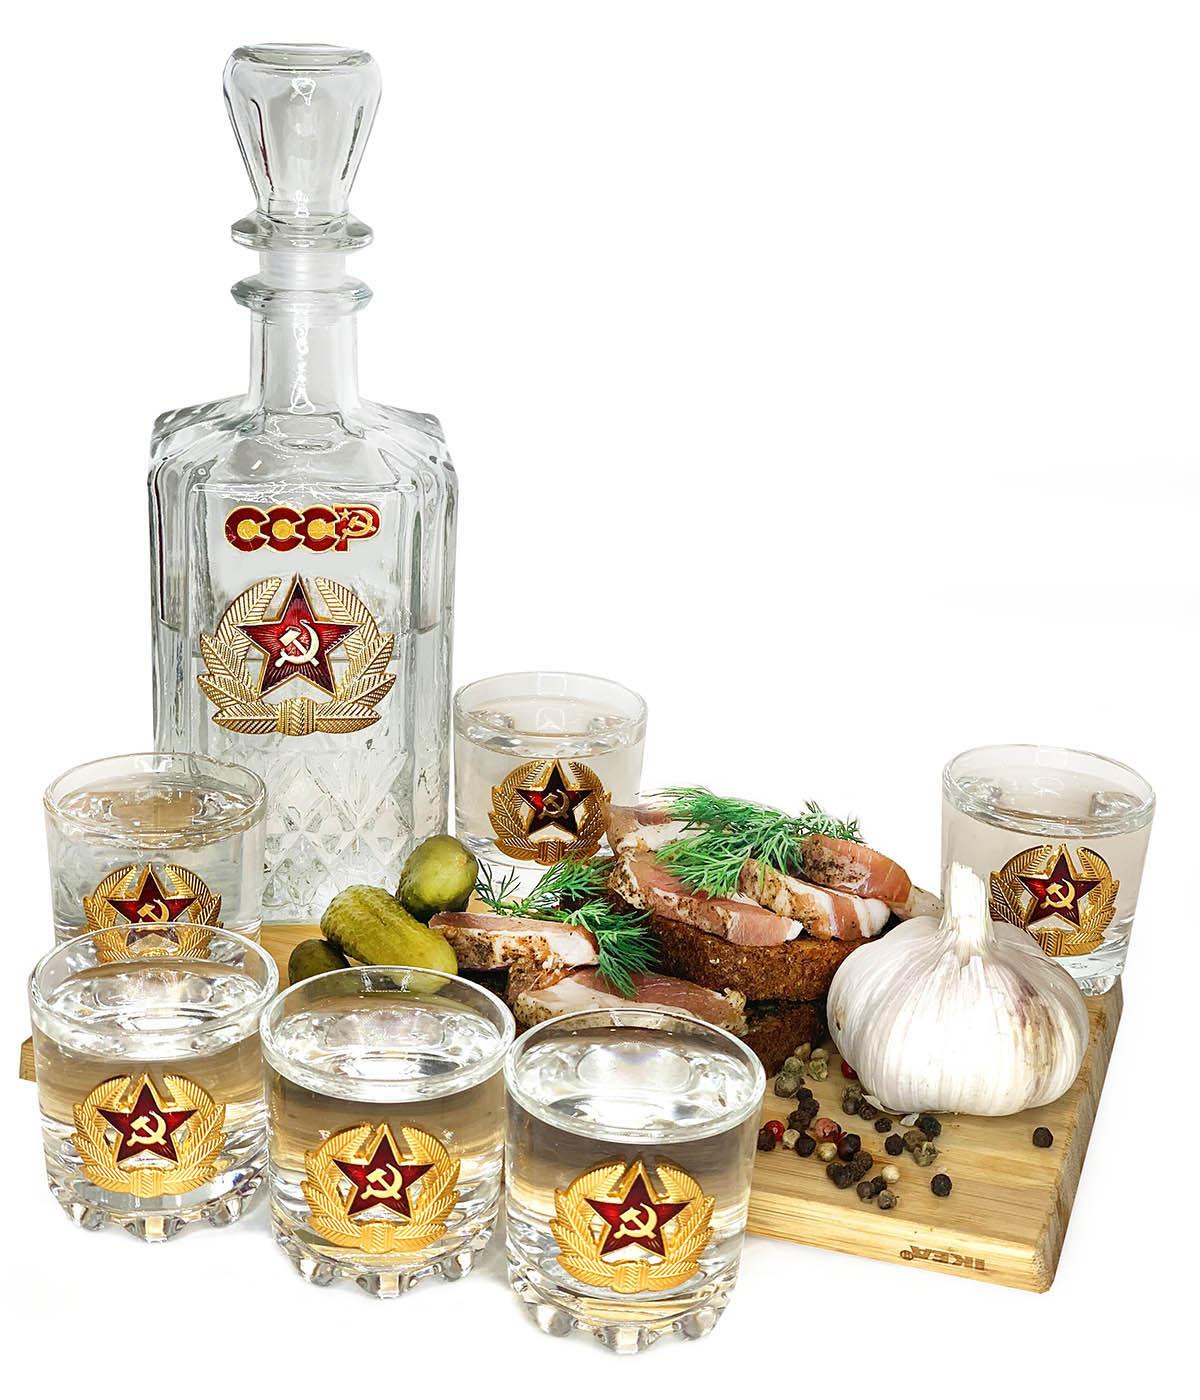 Набор для спиртных напитков Гвардия СССР